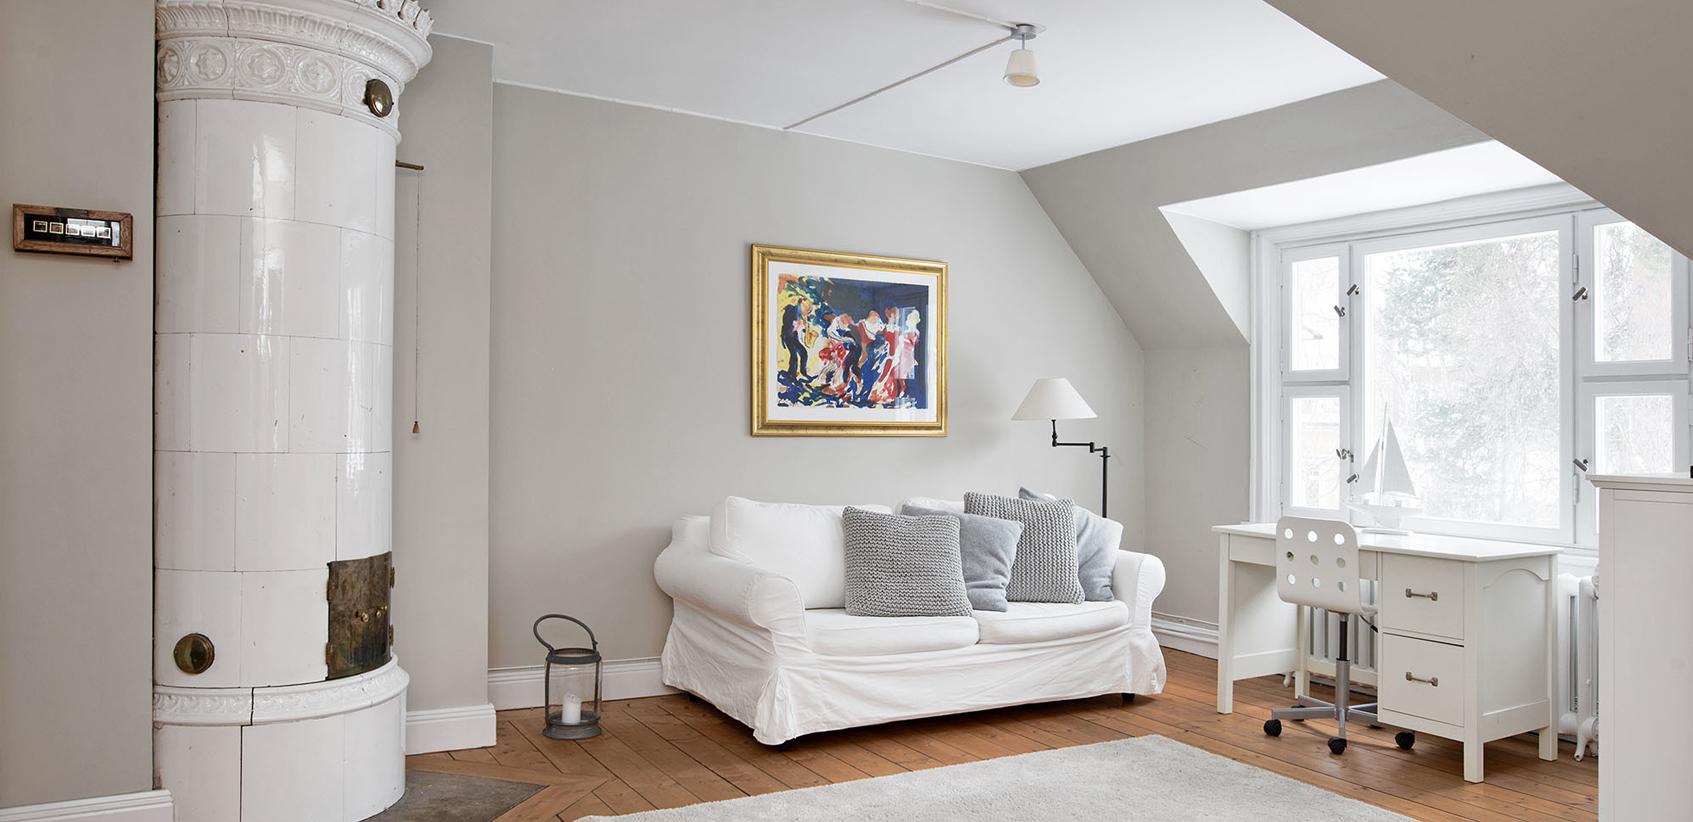 kaminbauer stuttgart bilder knnen nicht angezeigt werden bitte aktivieren sie java script home. Black Bedroom Furniture Sets. Home Design Ideas